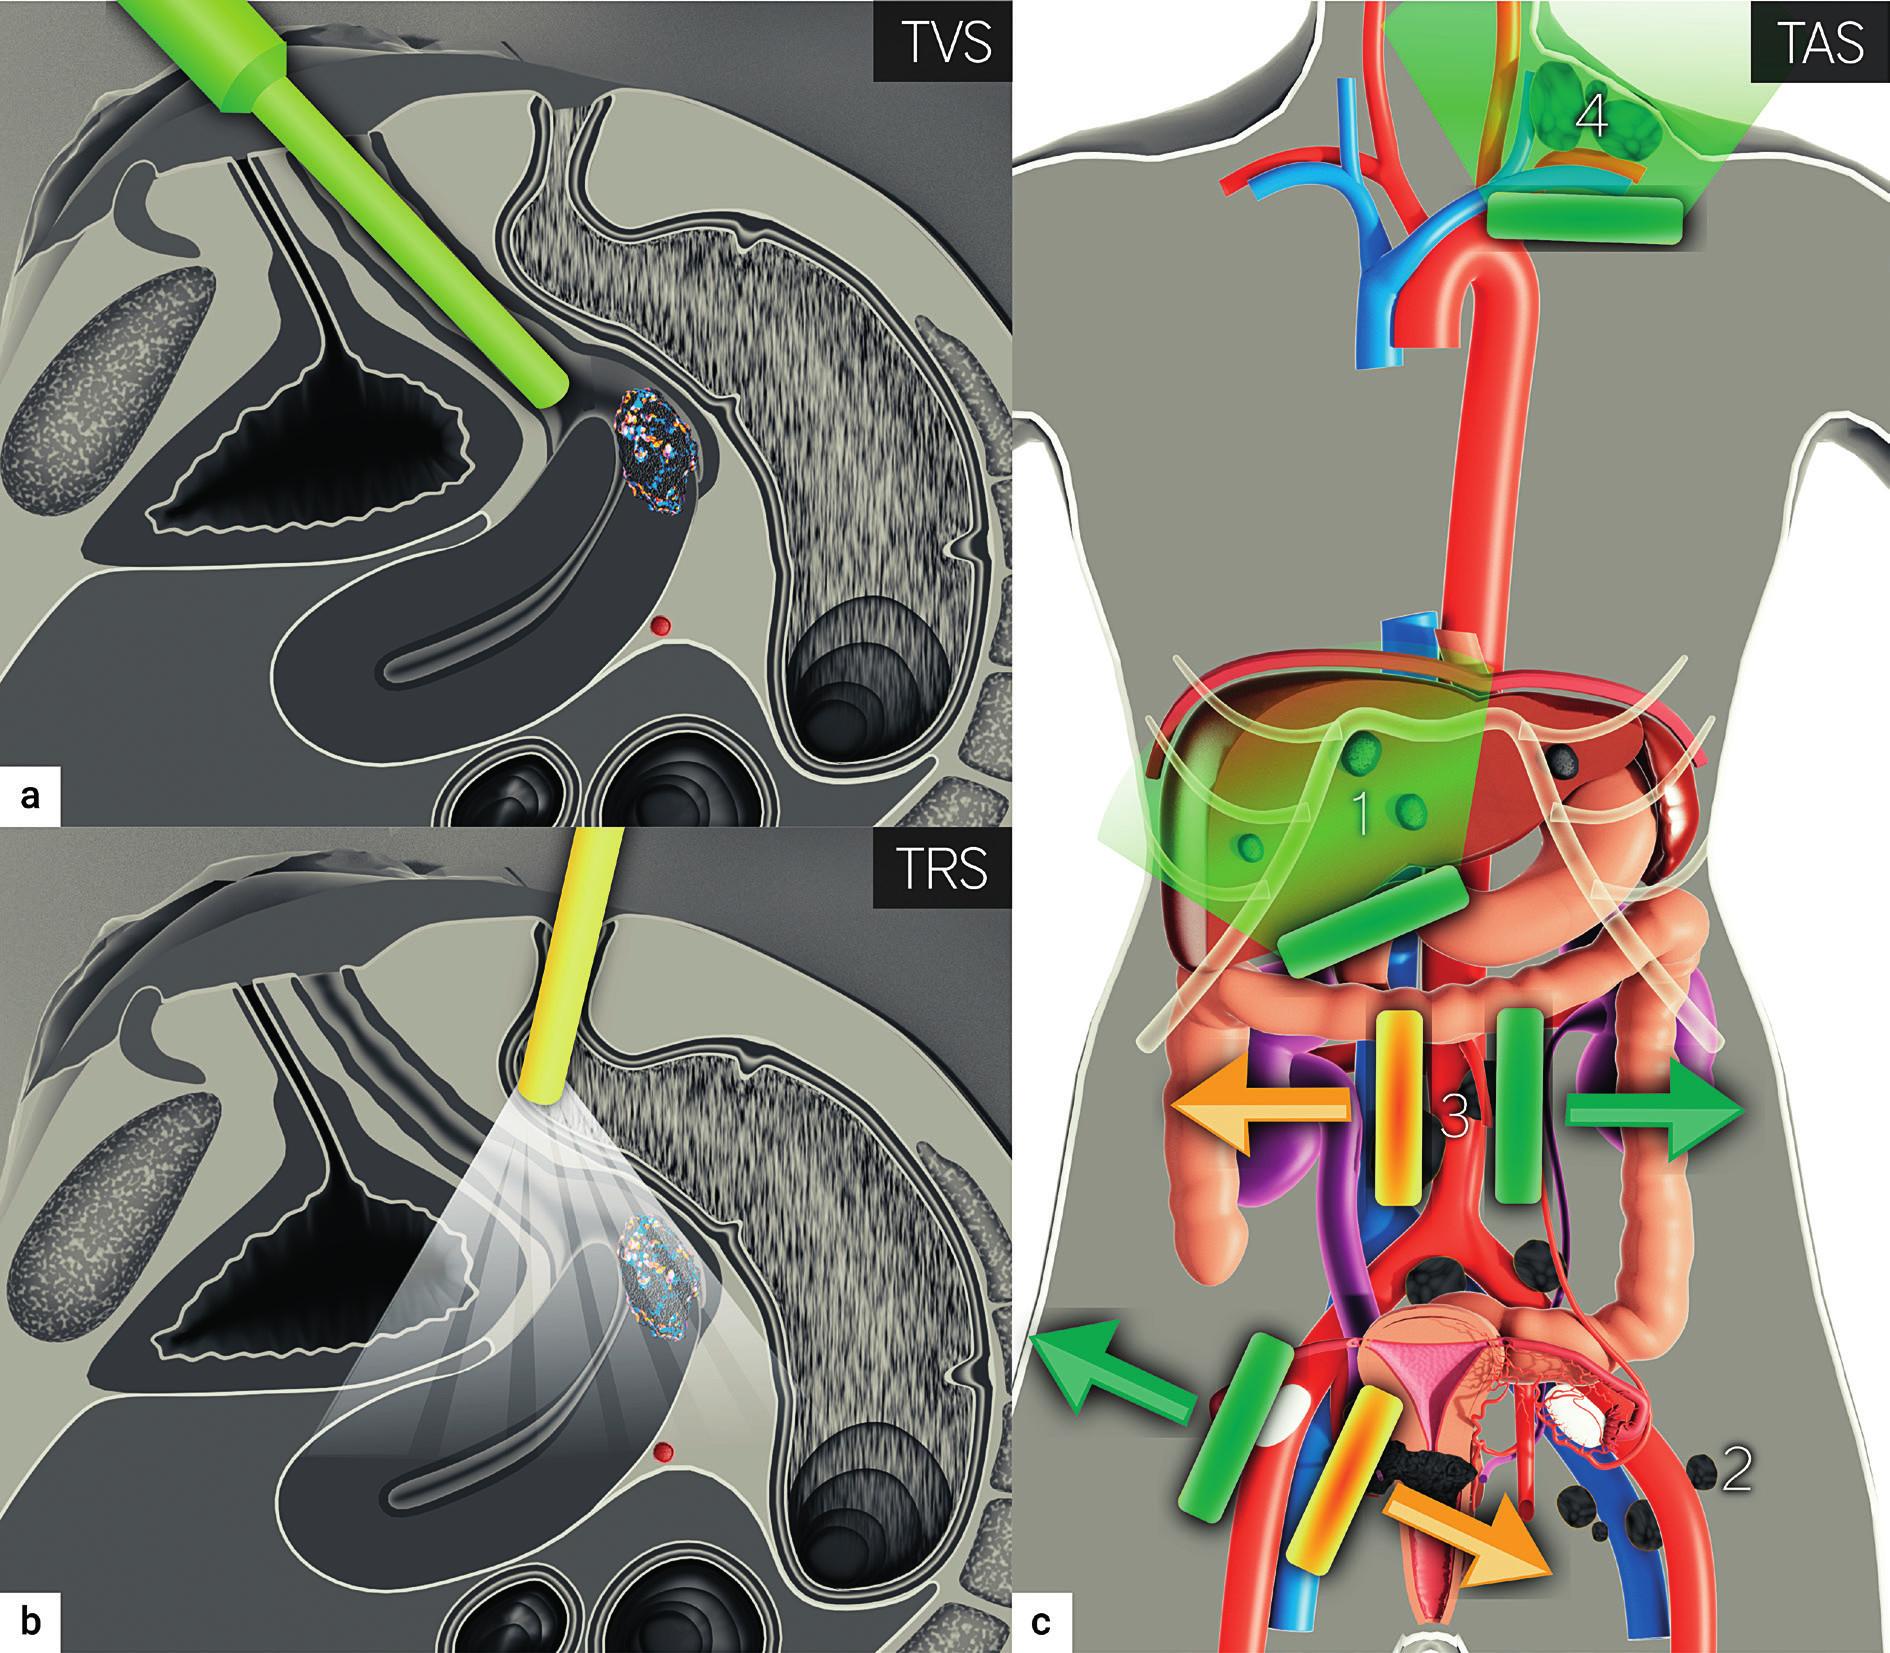 Ultrazvukové zobrazení zhoubného nádoru děložního hrdla<br> Transvaginální (a), transrektální (b) zavedení endovaginální sondy. Transabdominální konvexní sonda zobrazující jaterní metastázy (1), retroperitoneální lymfatické uzliny ilické (2) a paraortální (3). Lineární sonda zobrazující skalenové uzliny vlevo (4). TVS – transvaginální sonografie; TRS – transrektální sonografie; TAS – transabdominální sonografie